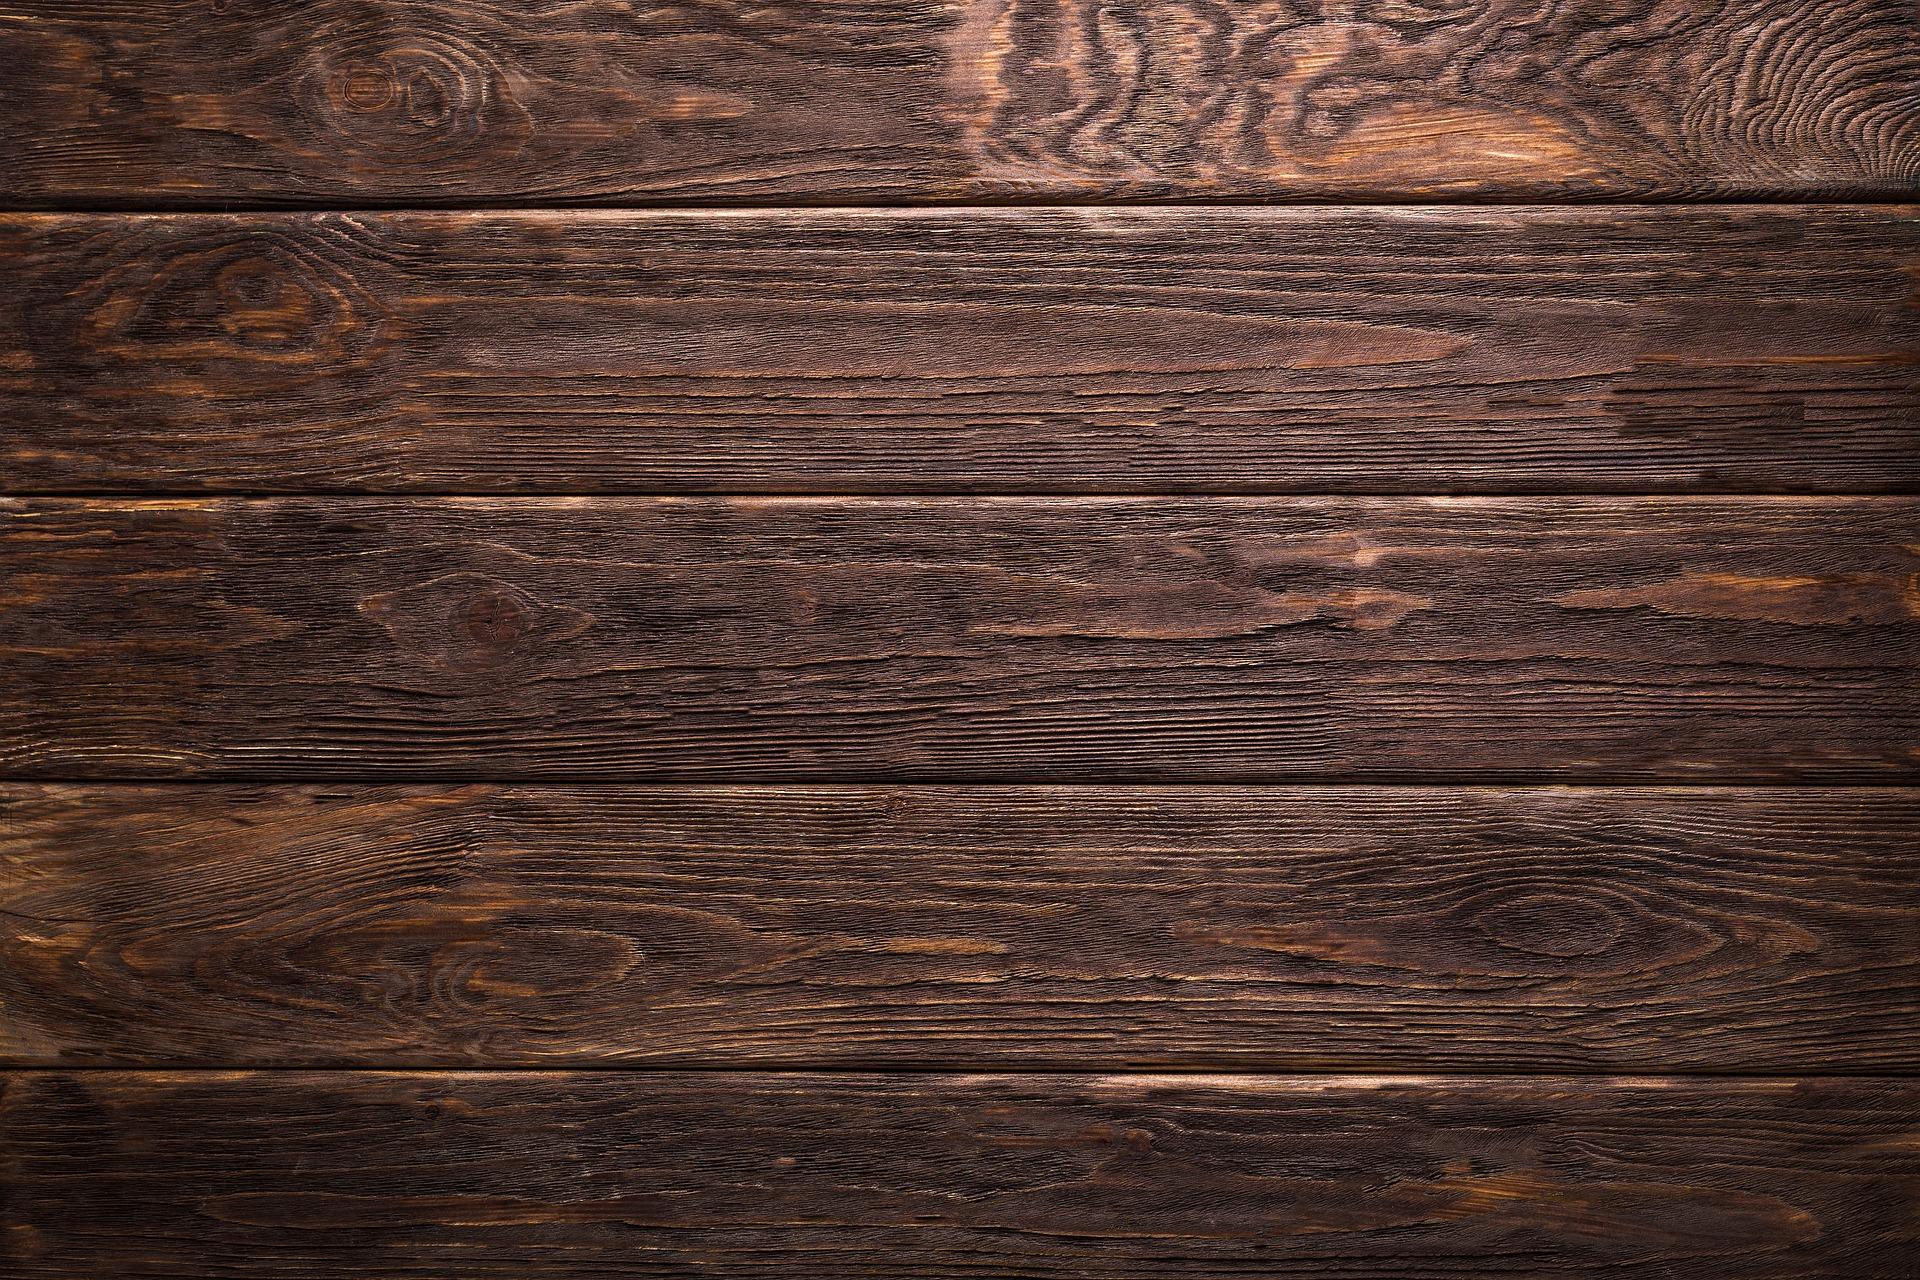 Le Wood spirit, la nouvelle tendance qui met le bois à l'honneur